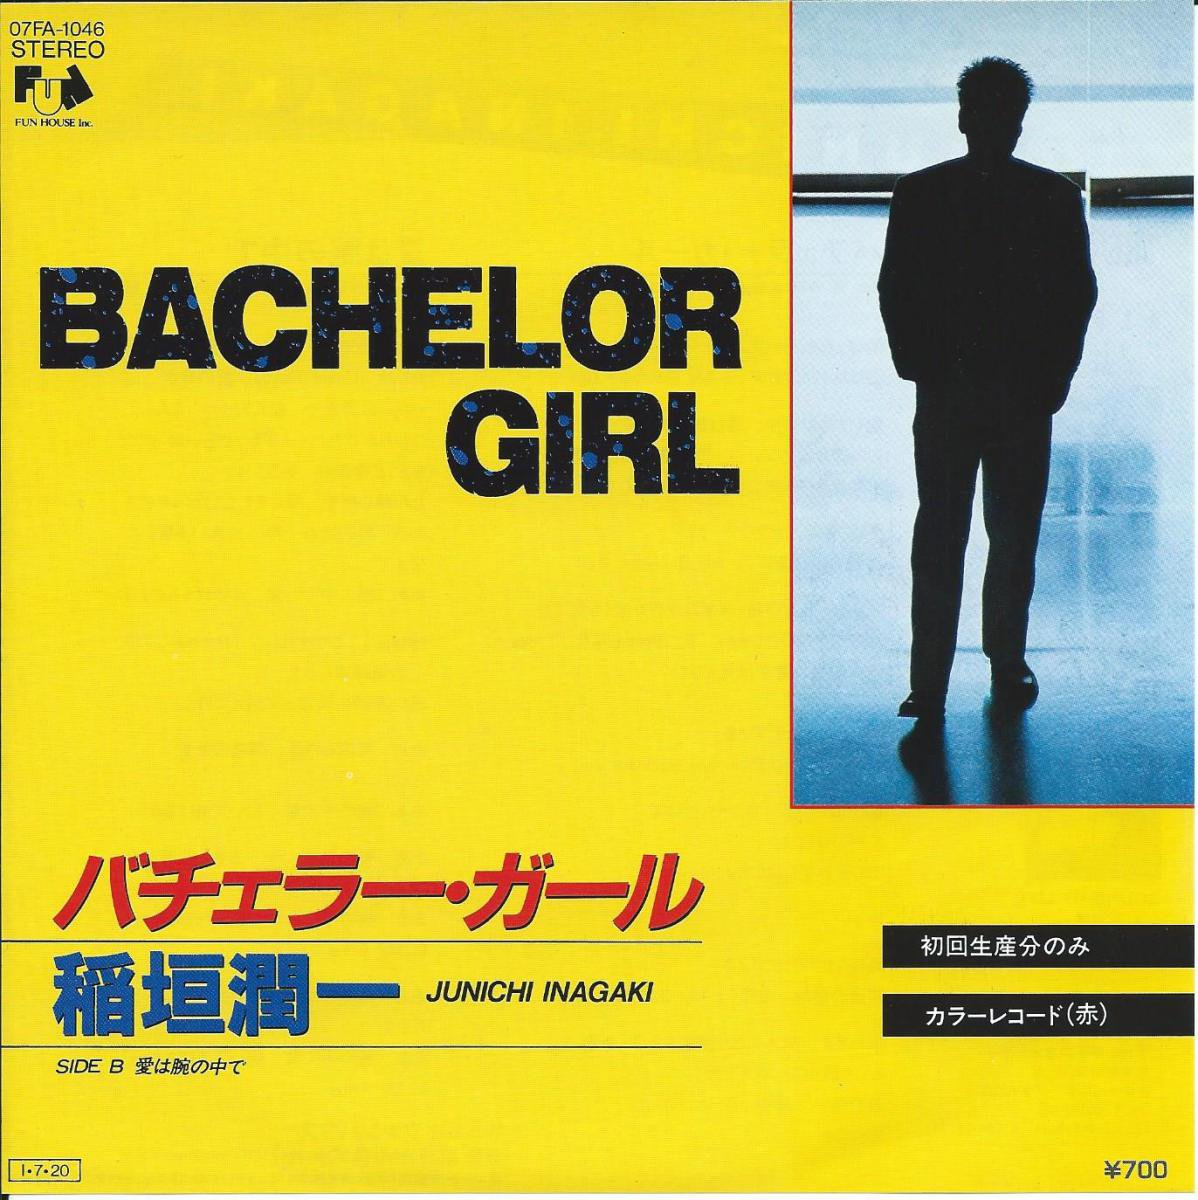 稲垣潤一 JUNICHI INAGAKI / バチェラー・ガール BACHELOR GIRL (7